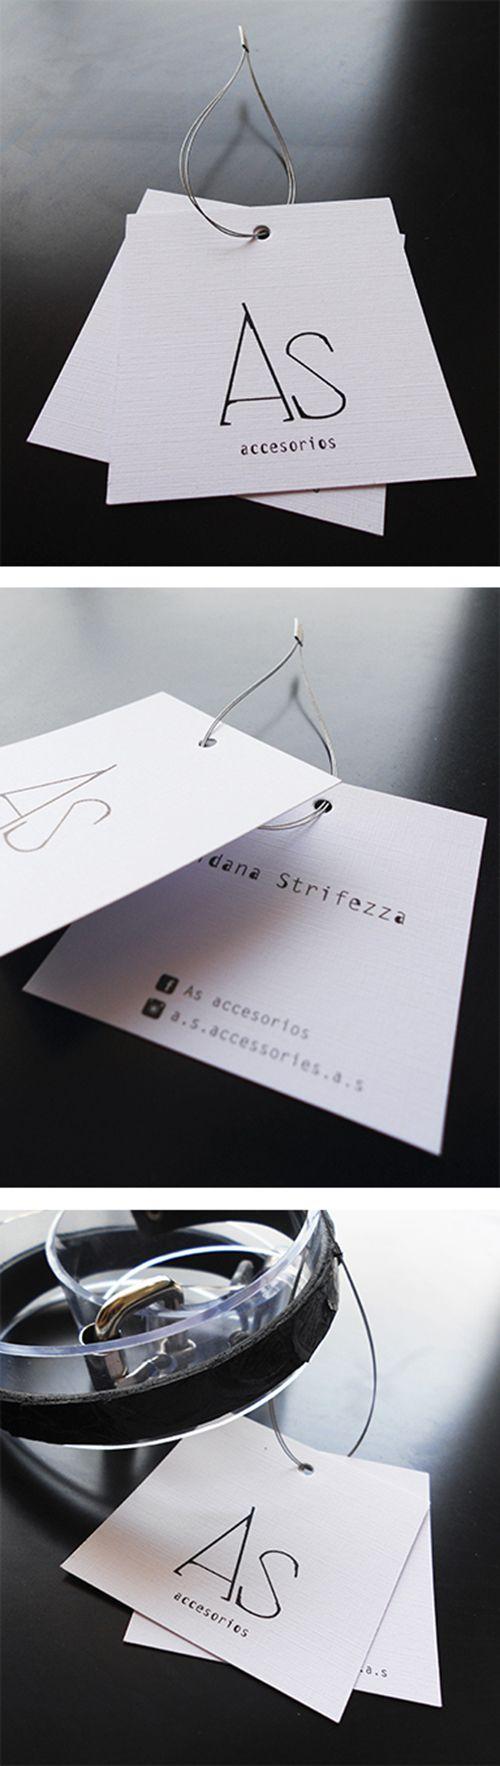 Diseño hangtag Desing typograpy typo graphic design